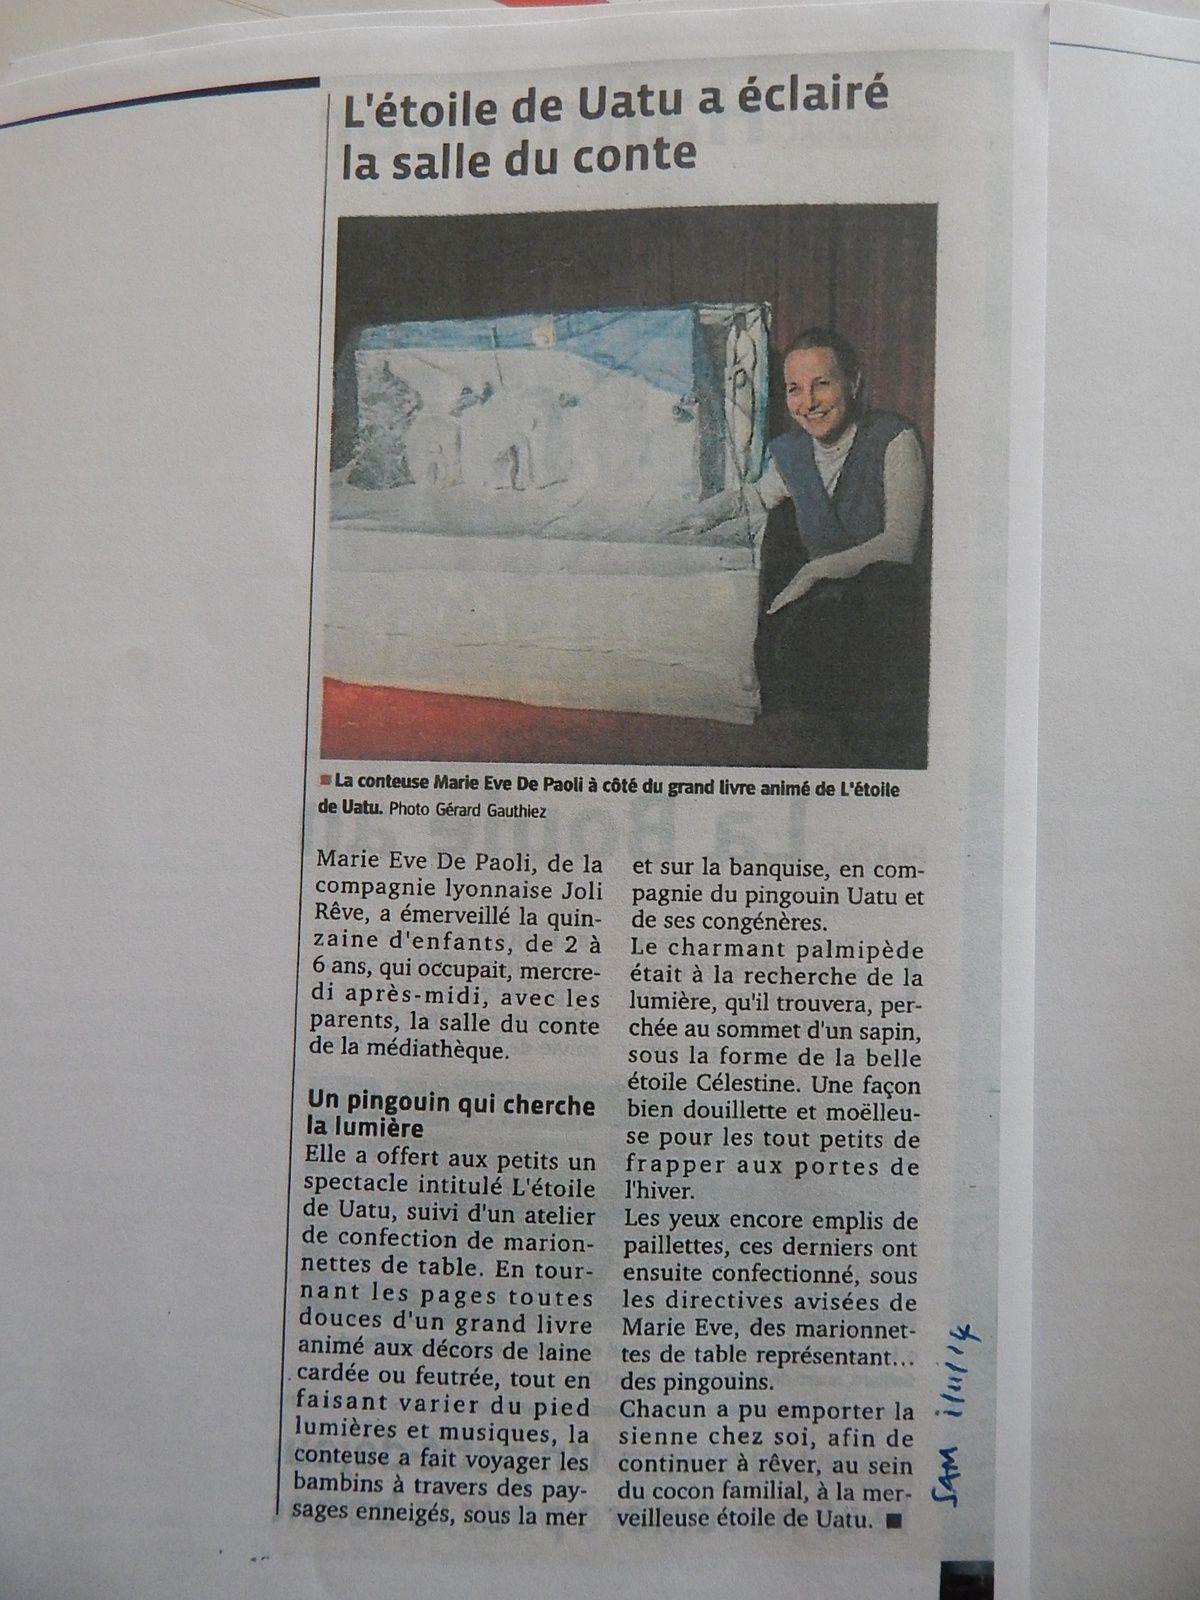 Le dauphiné Yssingeaux 01-11-14